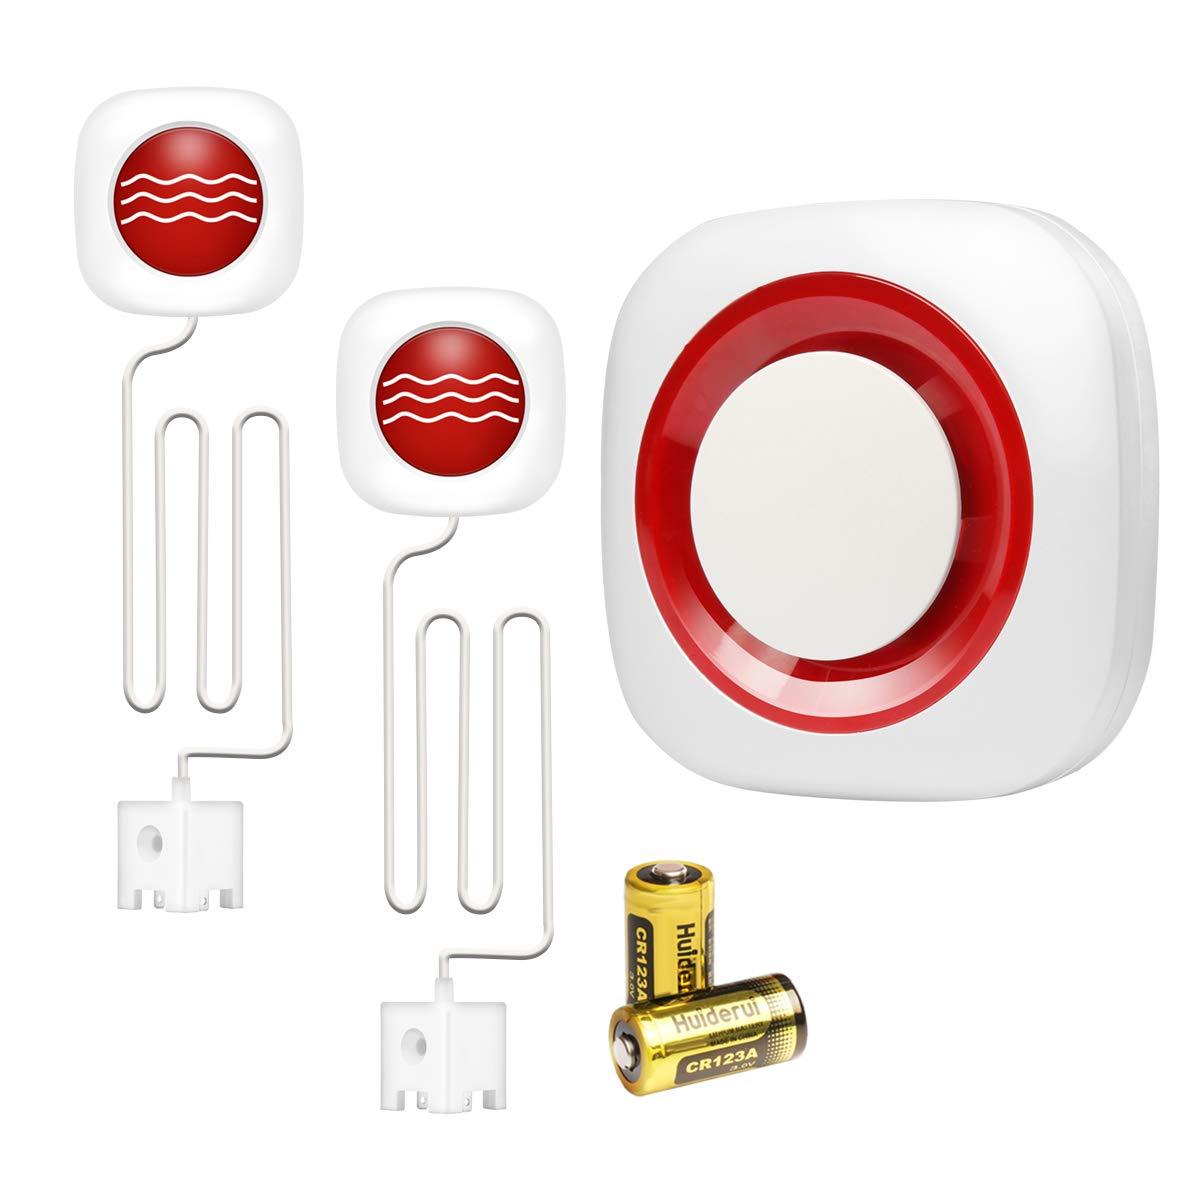 GSM Drahtlos Wassermelder Wassersensor Wasser Alarm Sirene Kabellos mit Batterien KOOCHUWAH